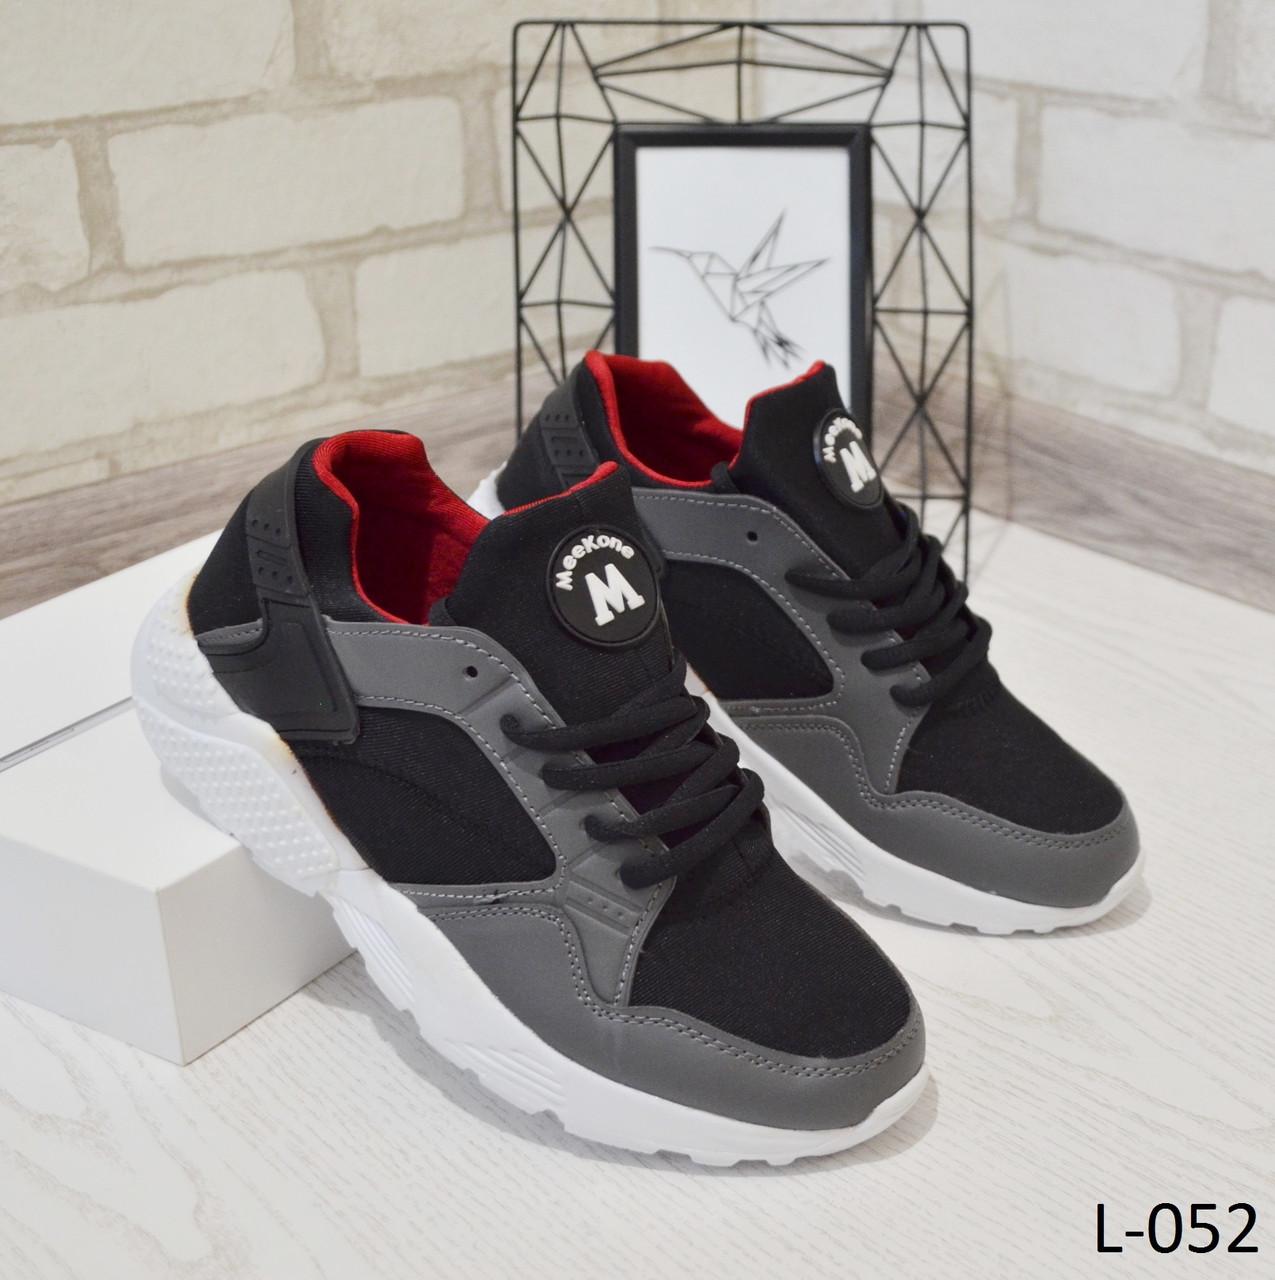 8ec41b09 Кроссовки женские хуарачи черные, стильные, очень удобные, легкие,  спортивная обувь